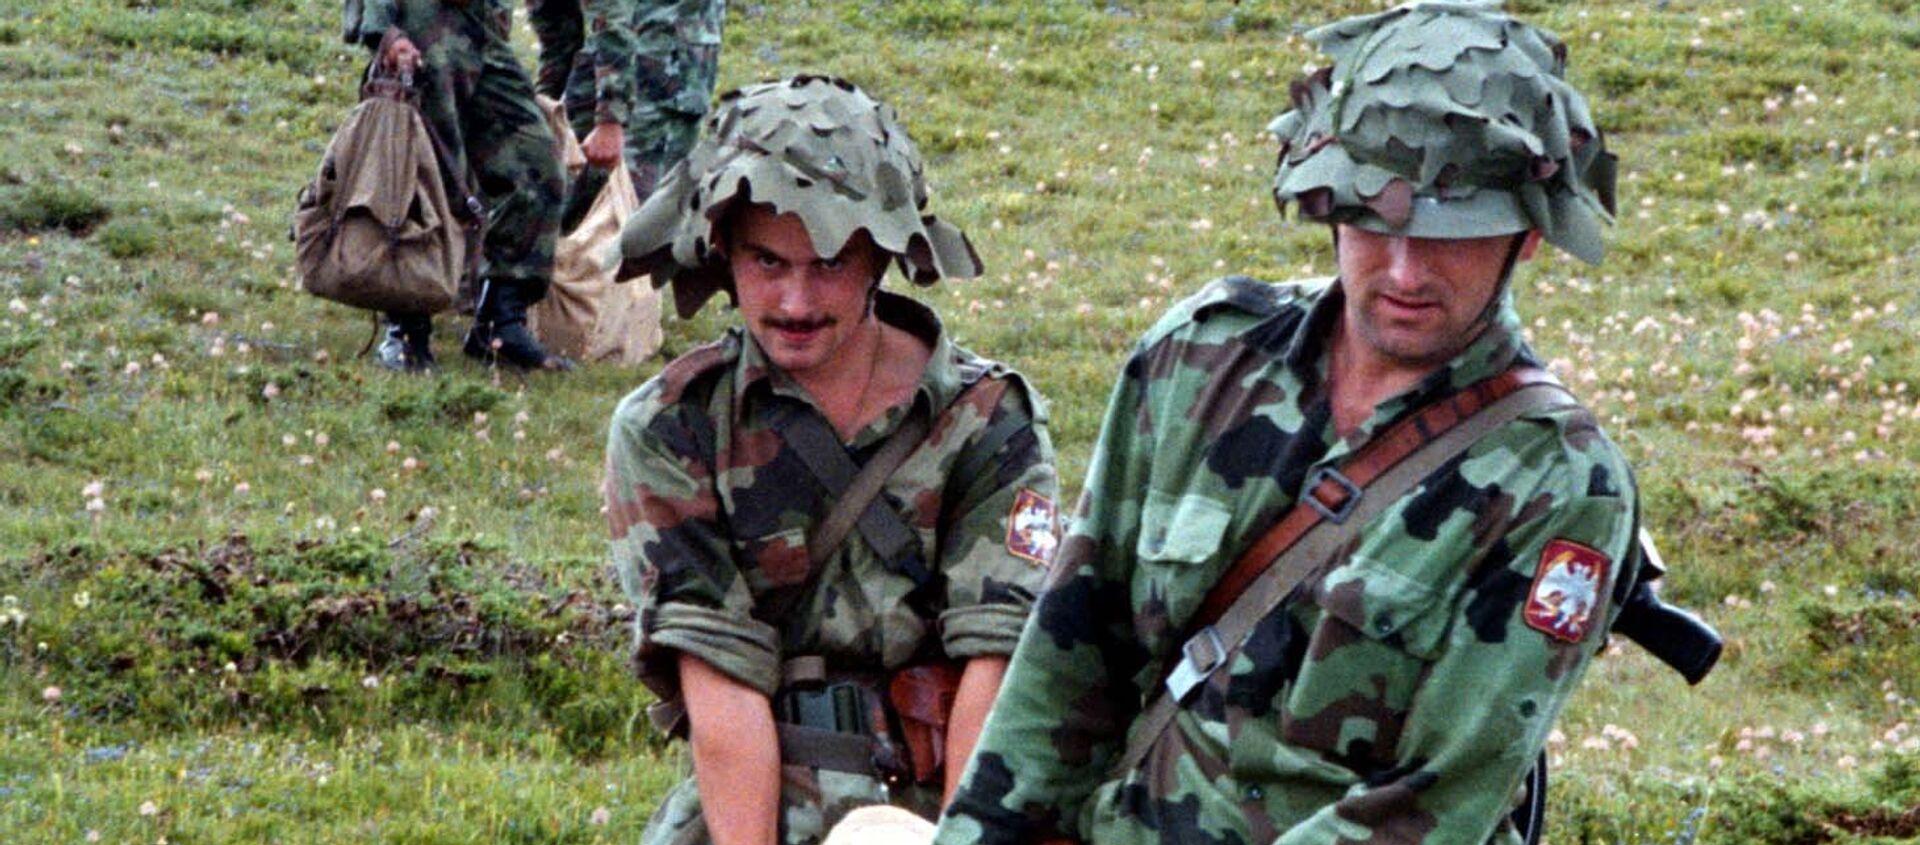 Југословенска армија, Кошаре 1998. - Sputnik Србија, 1920, 09.04.2021